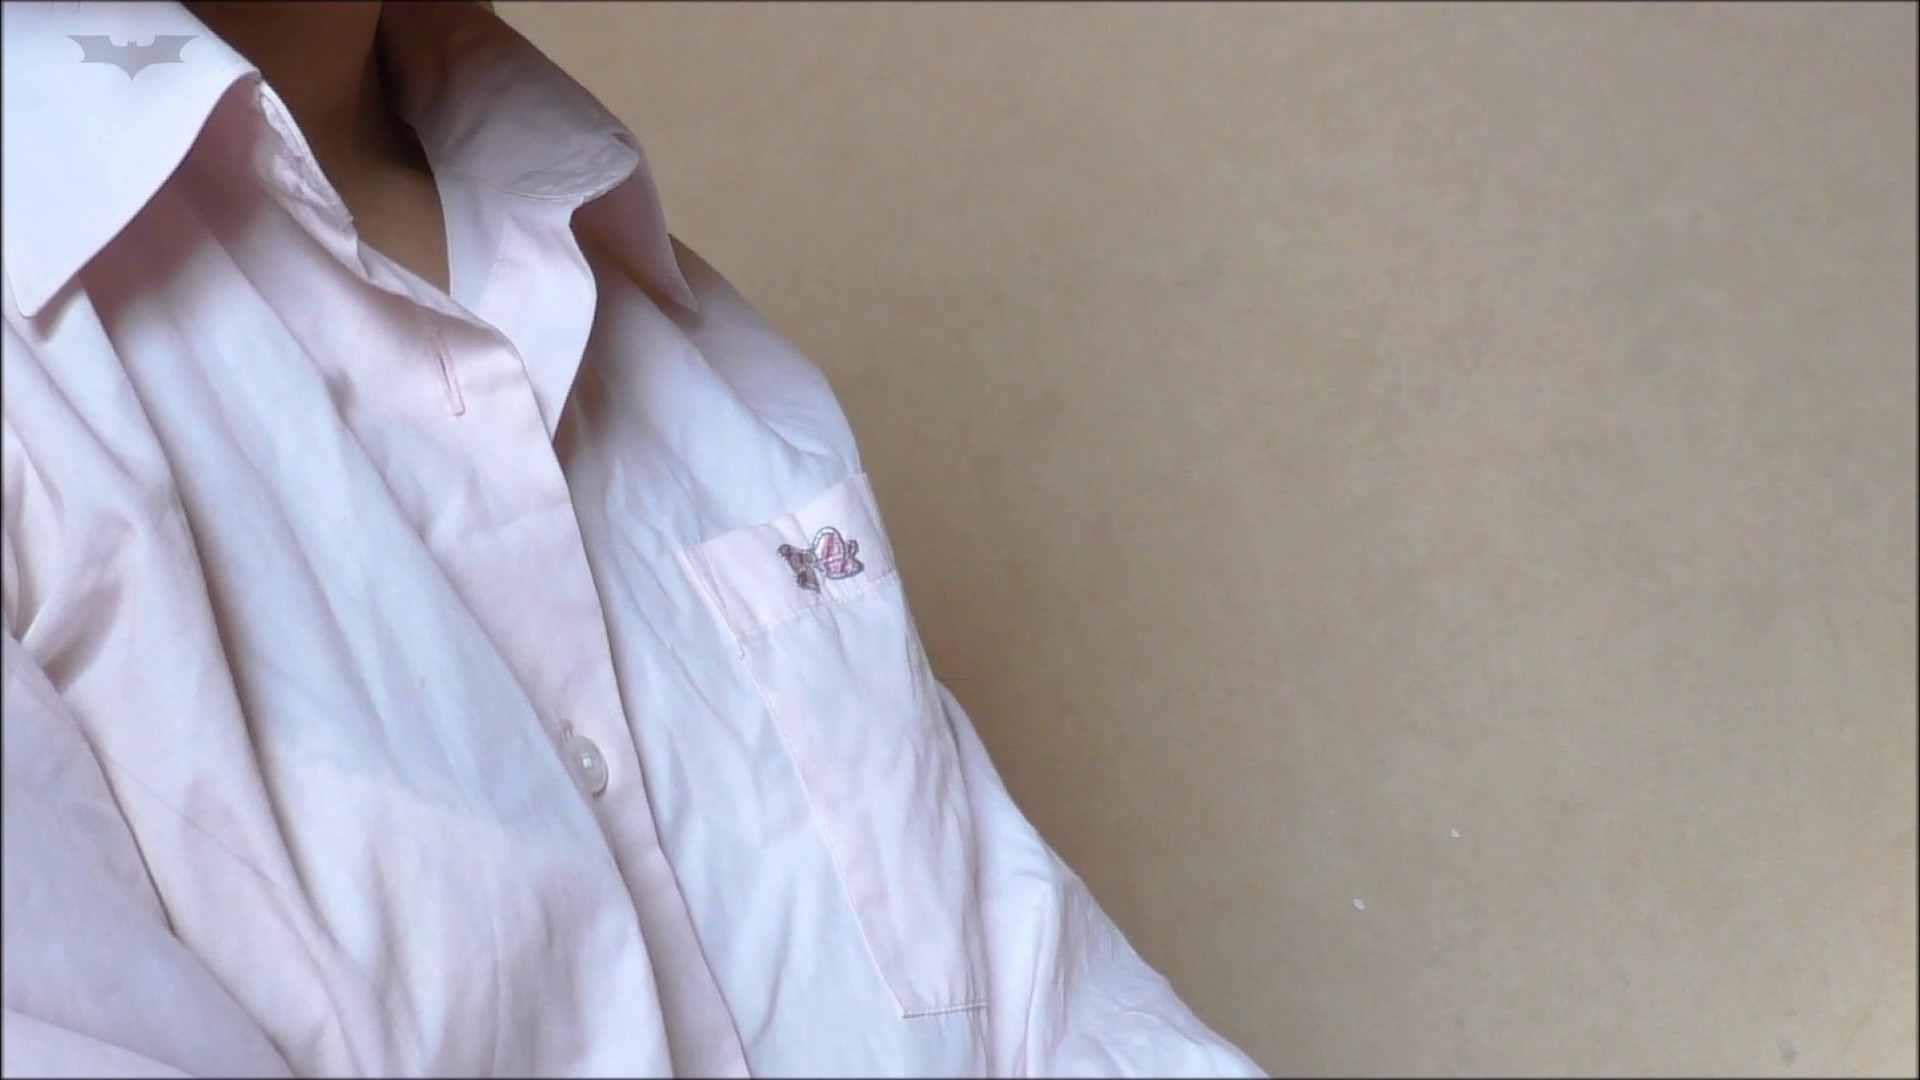 パンツを売る女 Vol.05 なんだかんだホテルに連れ込みバイブで。。。 丸見えマンコ | 巨乳  42画像 8